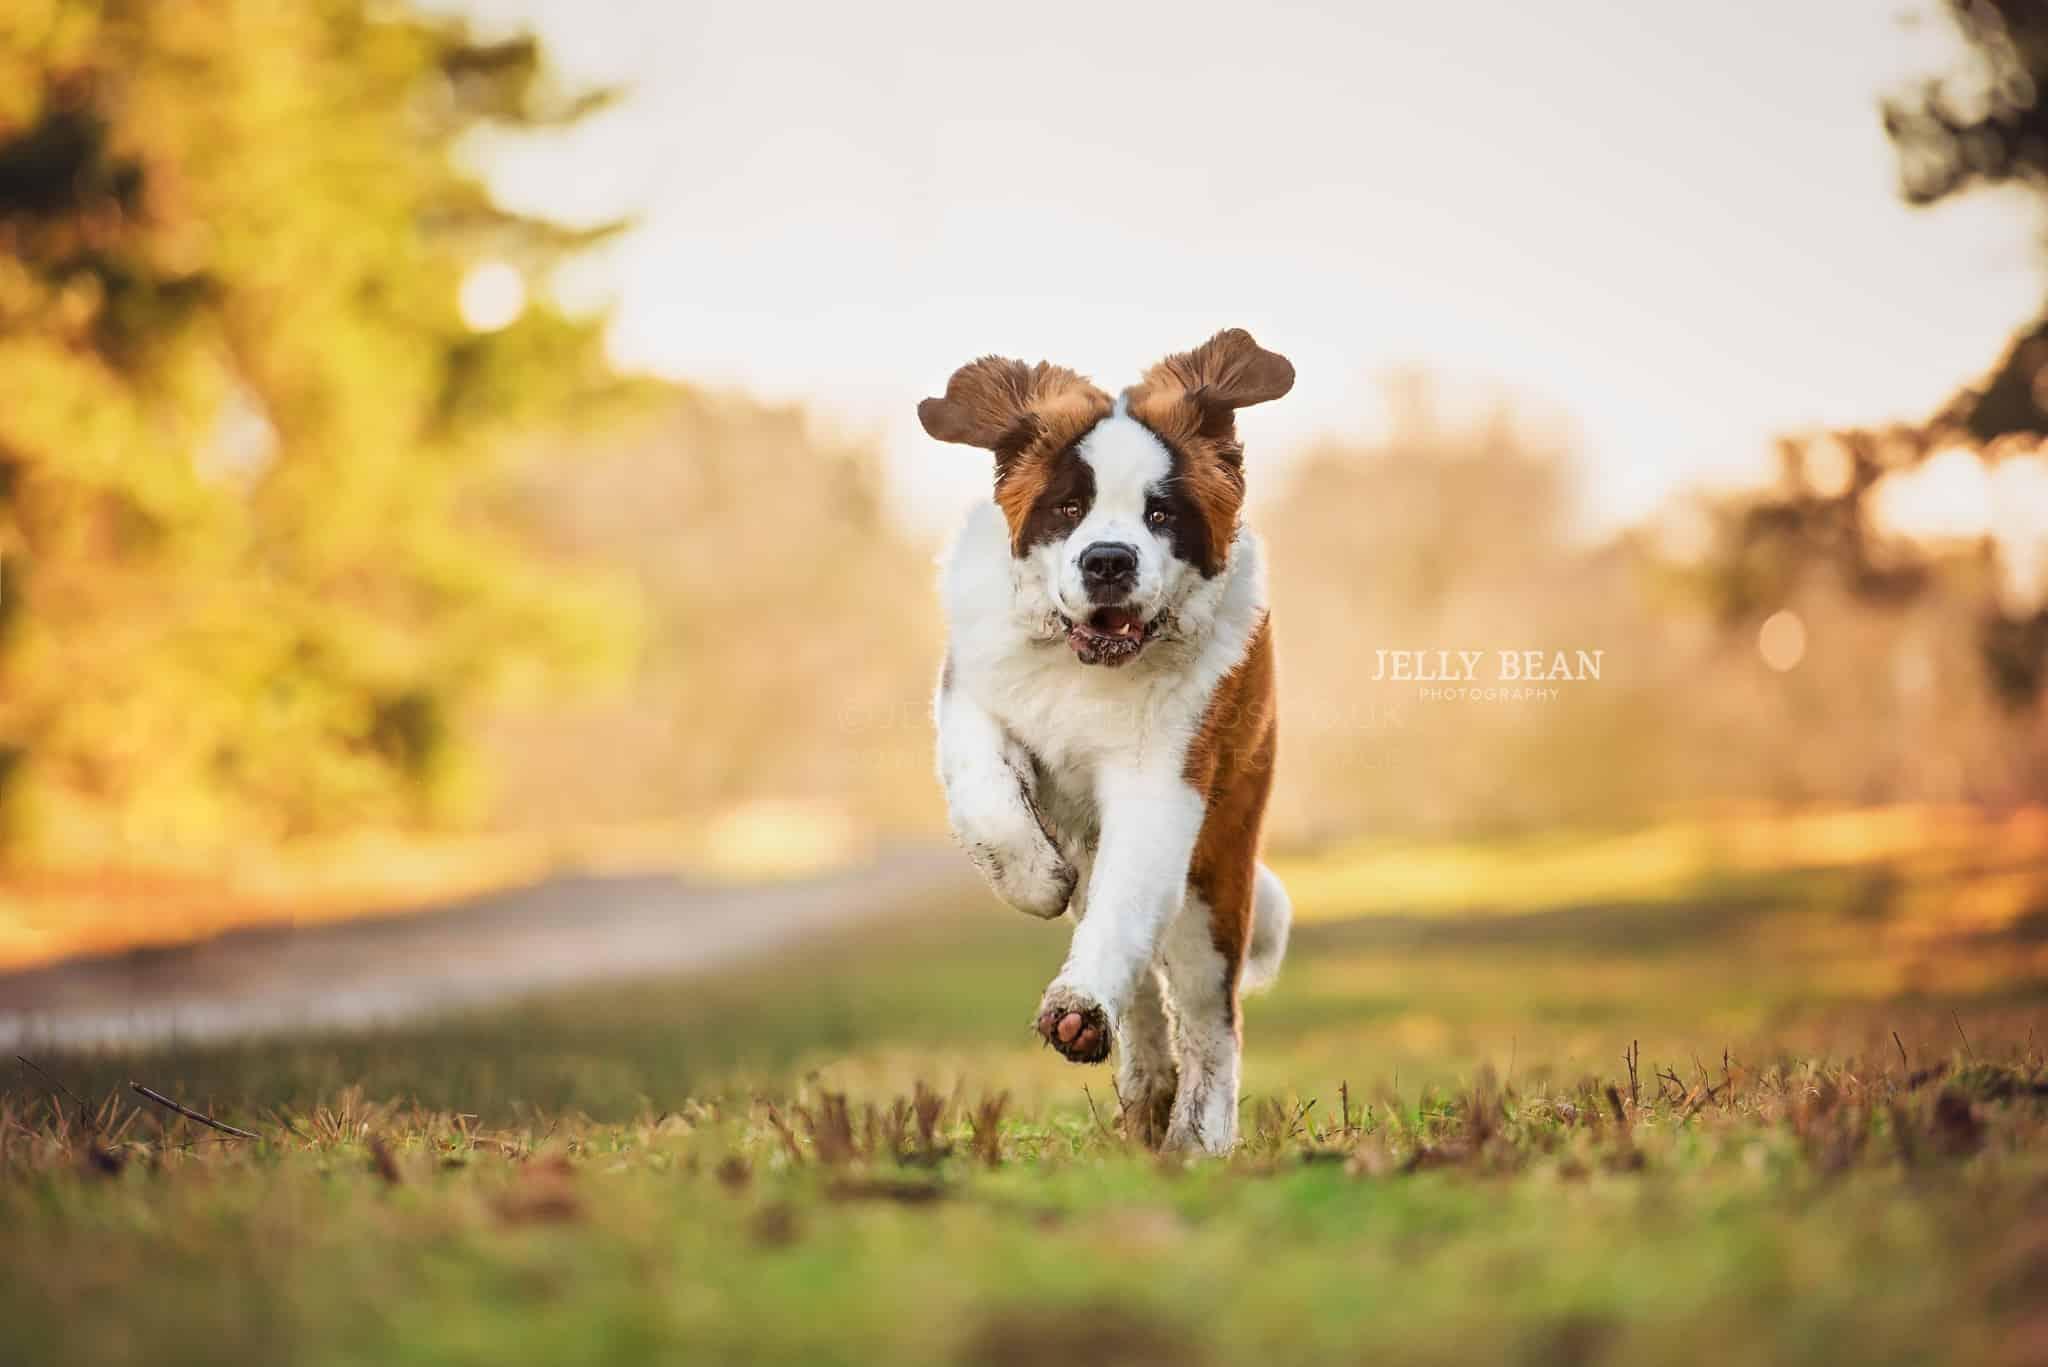 St Bernard puppy running